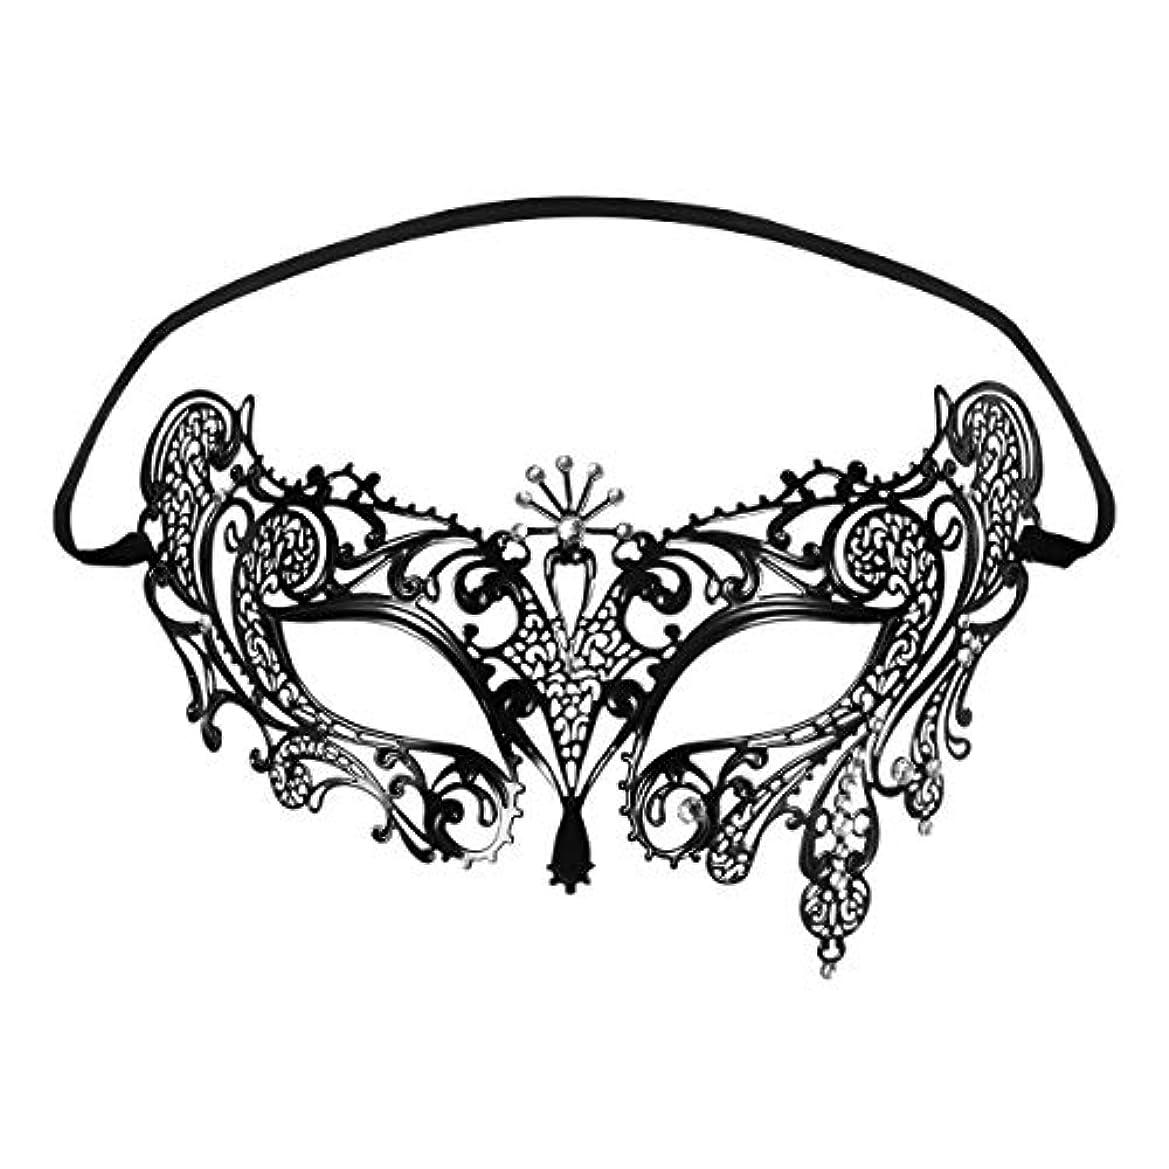 故障それによってラケットFoxnovo Foxnovoファッション高級ベネチアンスタイルディアマンテメタルフィリグリー仮装用マスク結婚式/パーティー用(ブラック)